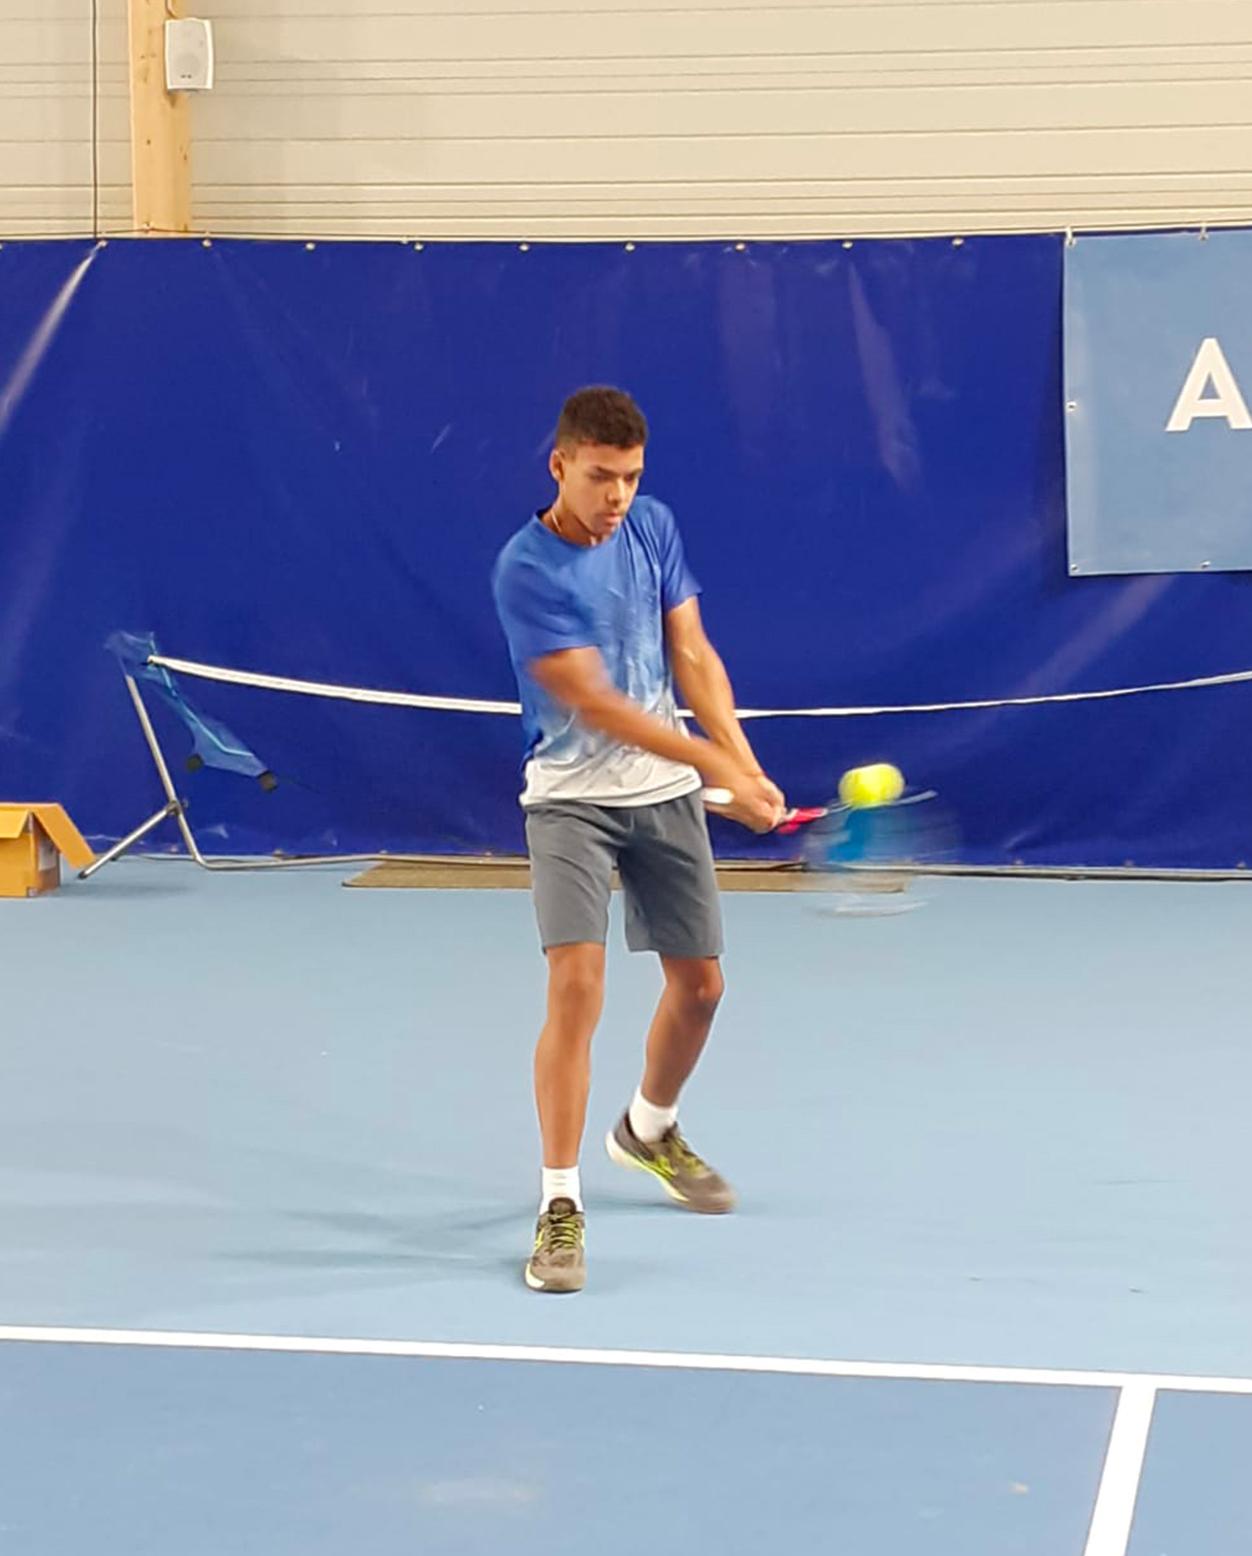 https://www.team-bms-tennis.fr/wp-content/uploads/2020/10/ThomasGuiovanna.jpg